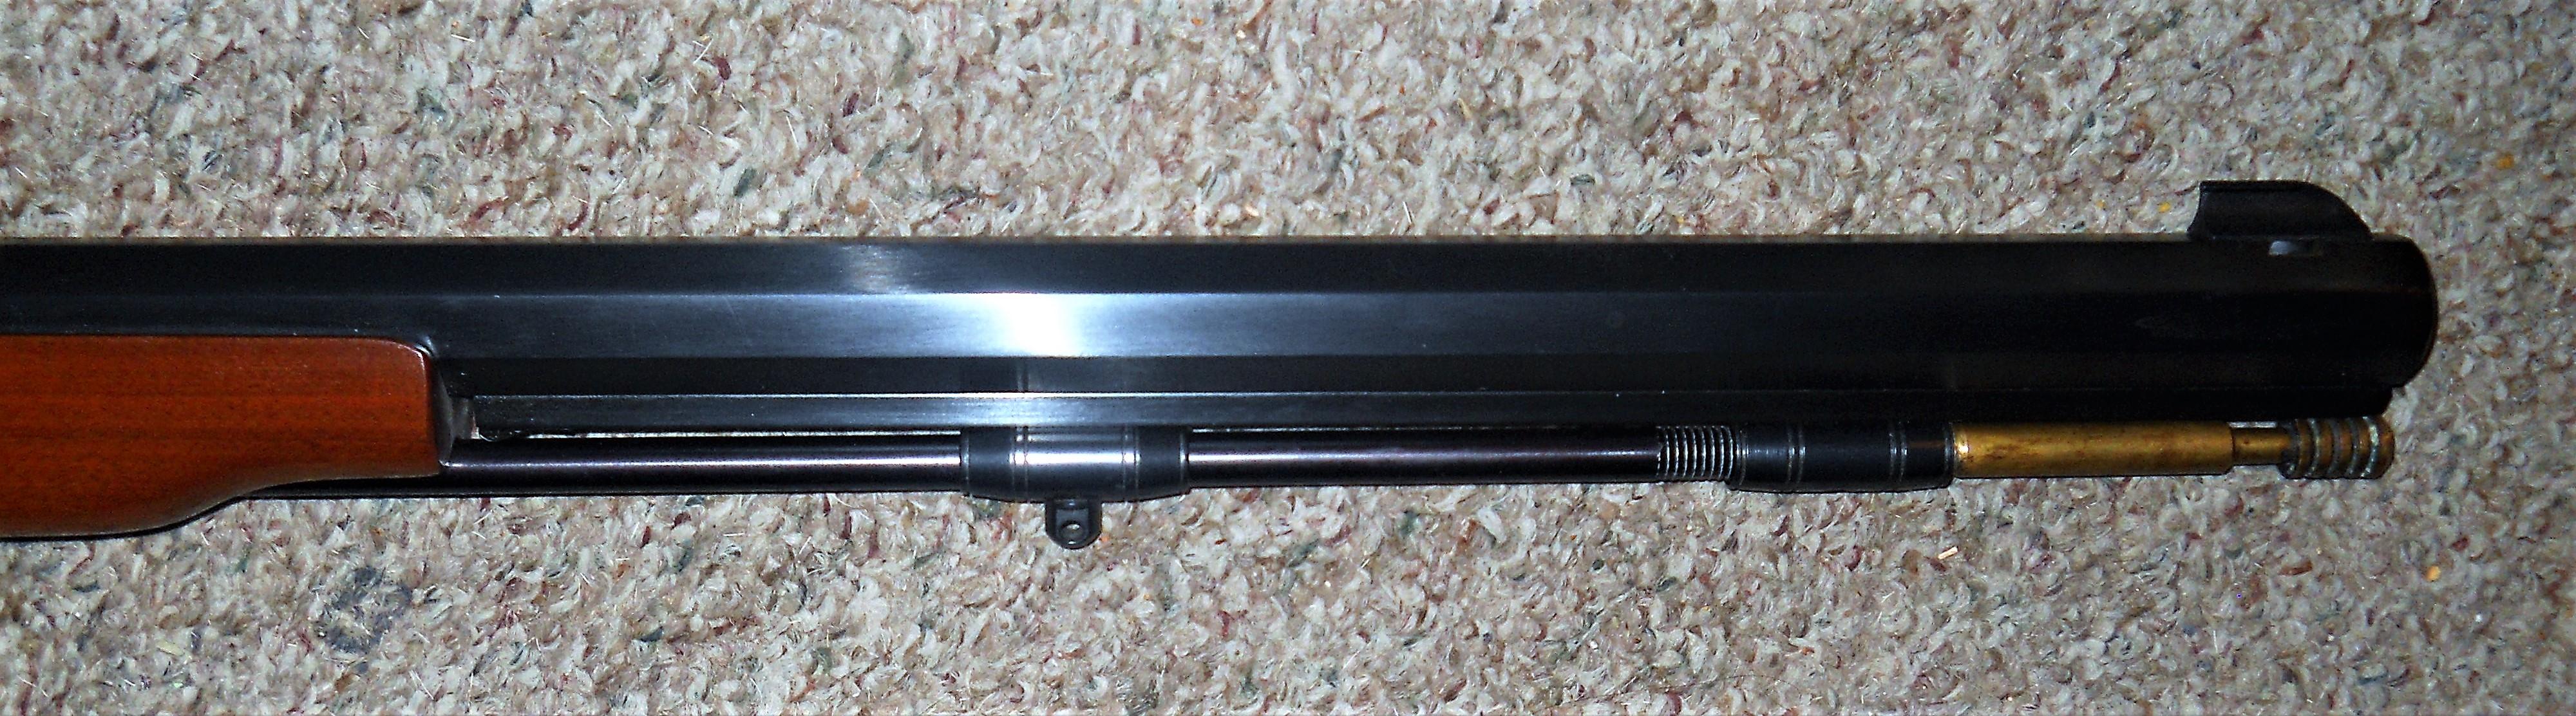 DSCN9990 (3).JPG